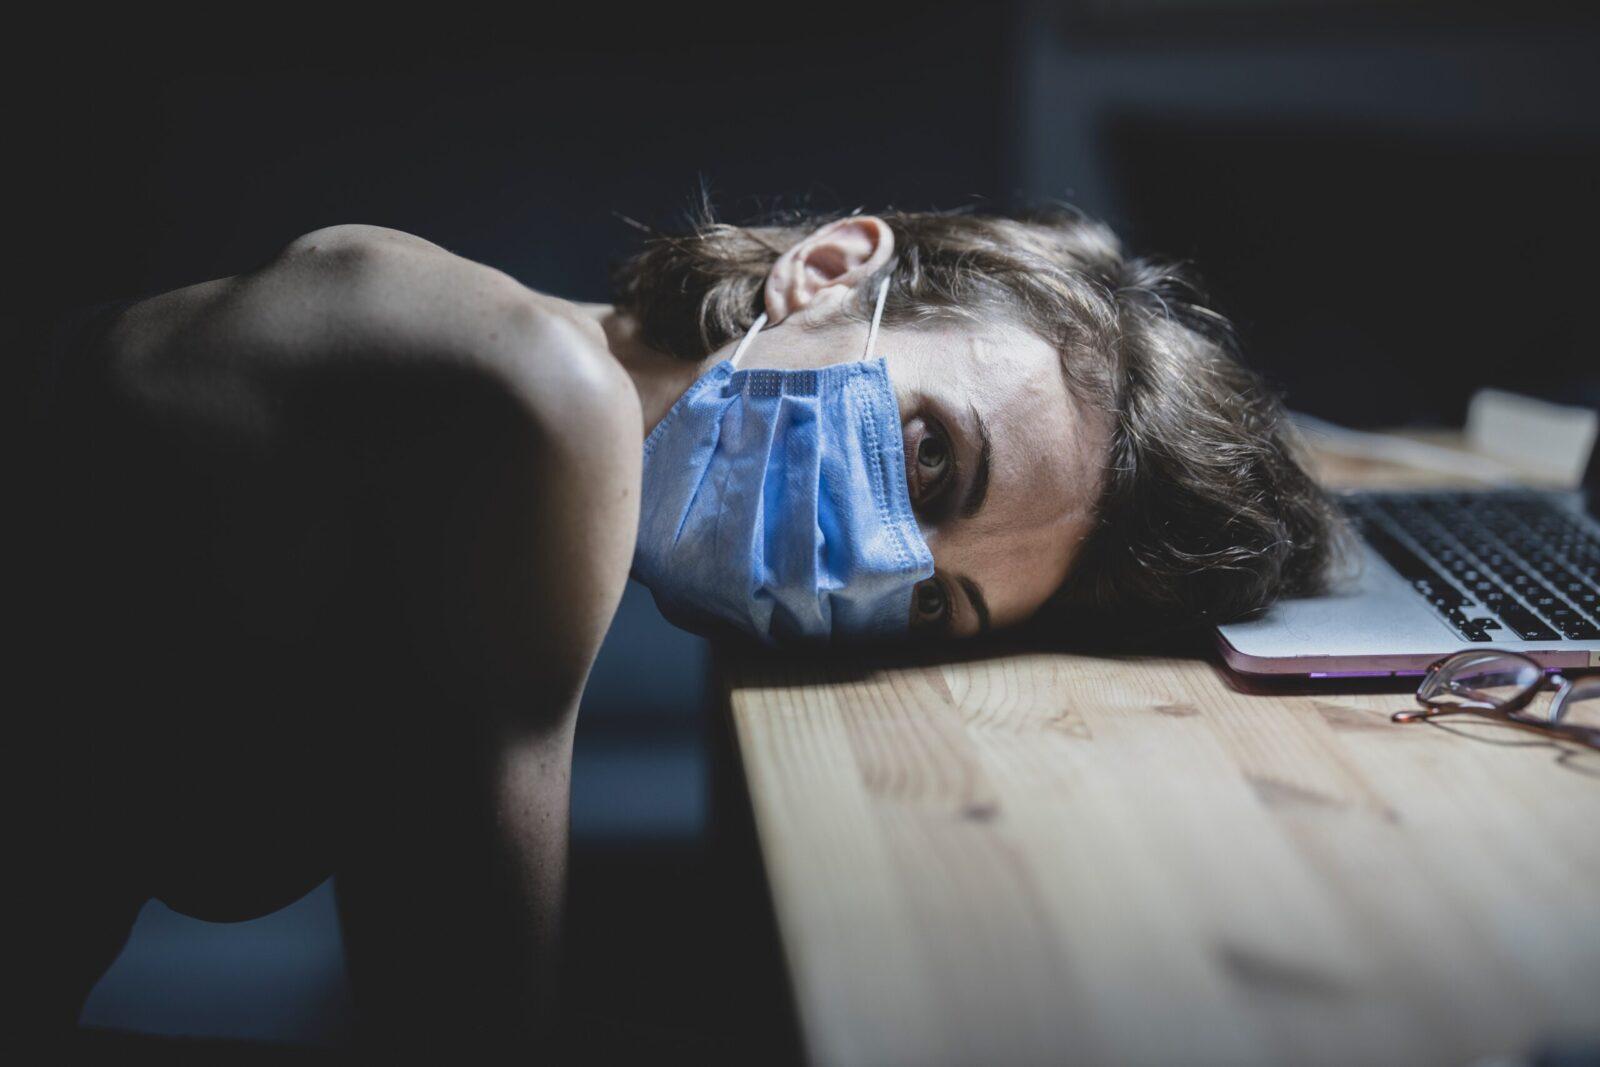 coronavirus quarantine at home